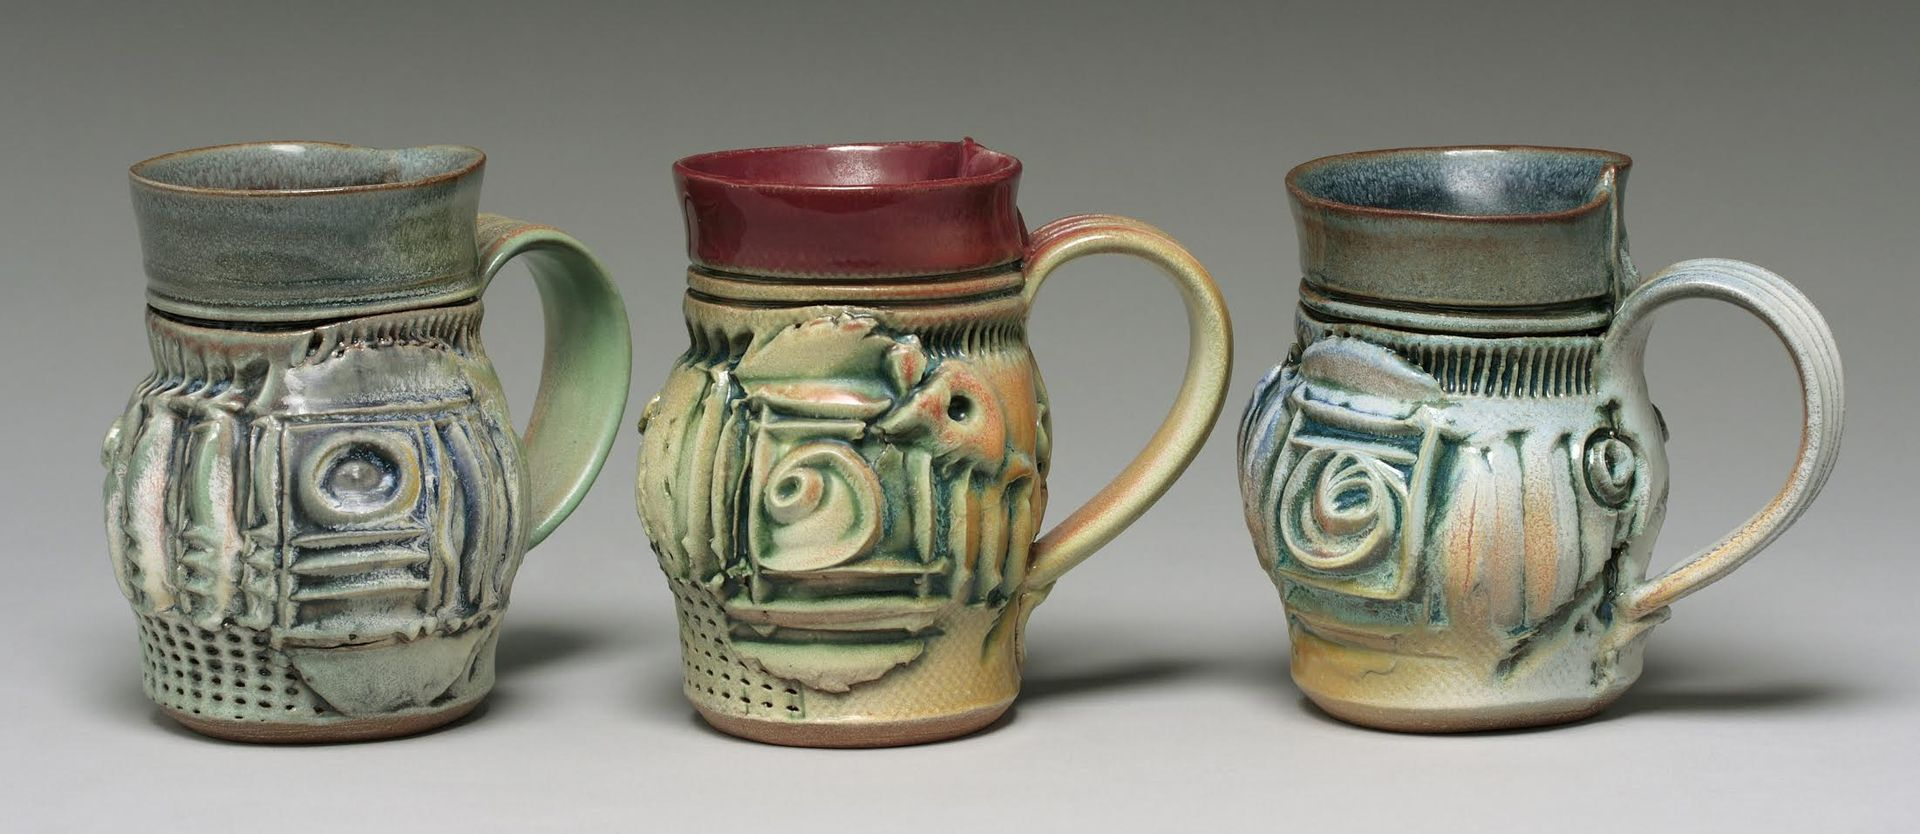 Ceramic portfolio ceramic decor pottery pottery mugs